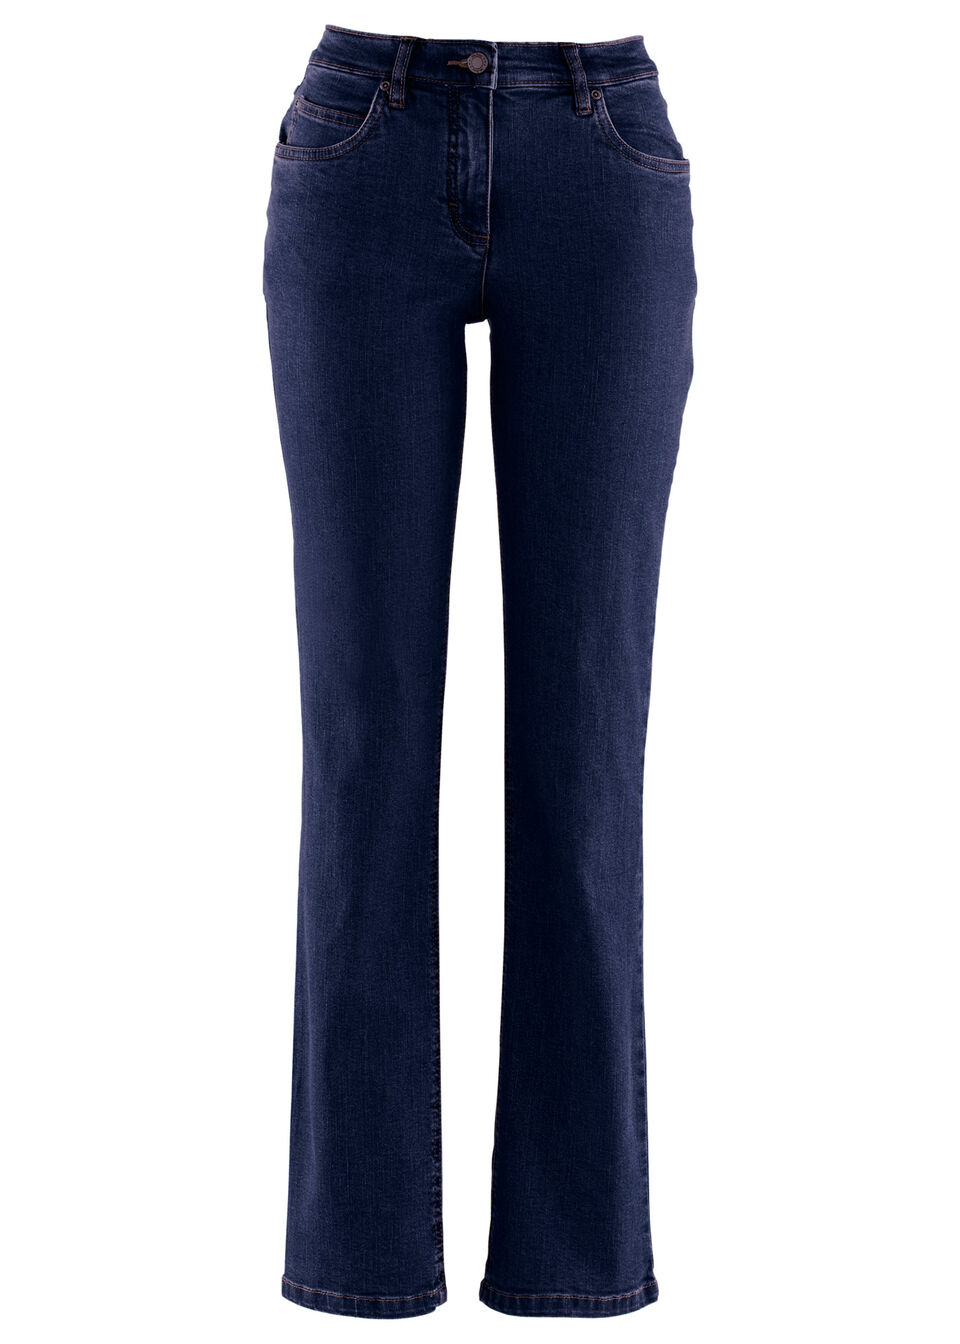 Хит продаж: джинсы-стретч STRAIGHT от bonprix